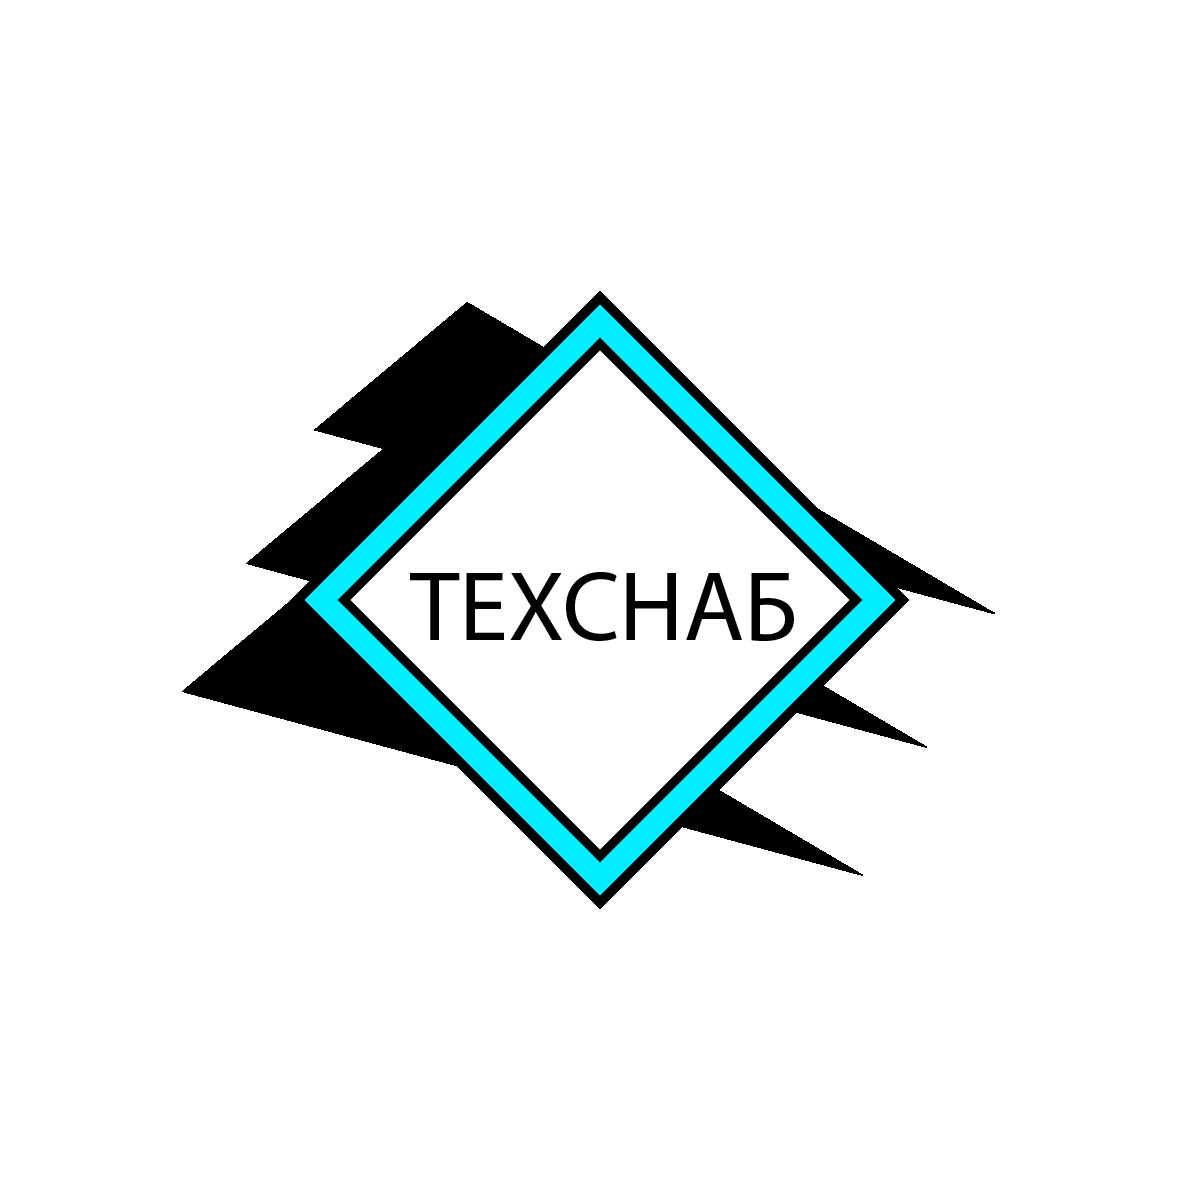 Разработка логотипа и фирм. стиля компании  ТЕХСНАБ фото f_8055b1c16a72a8c4.png